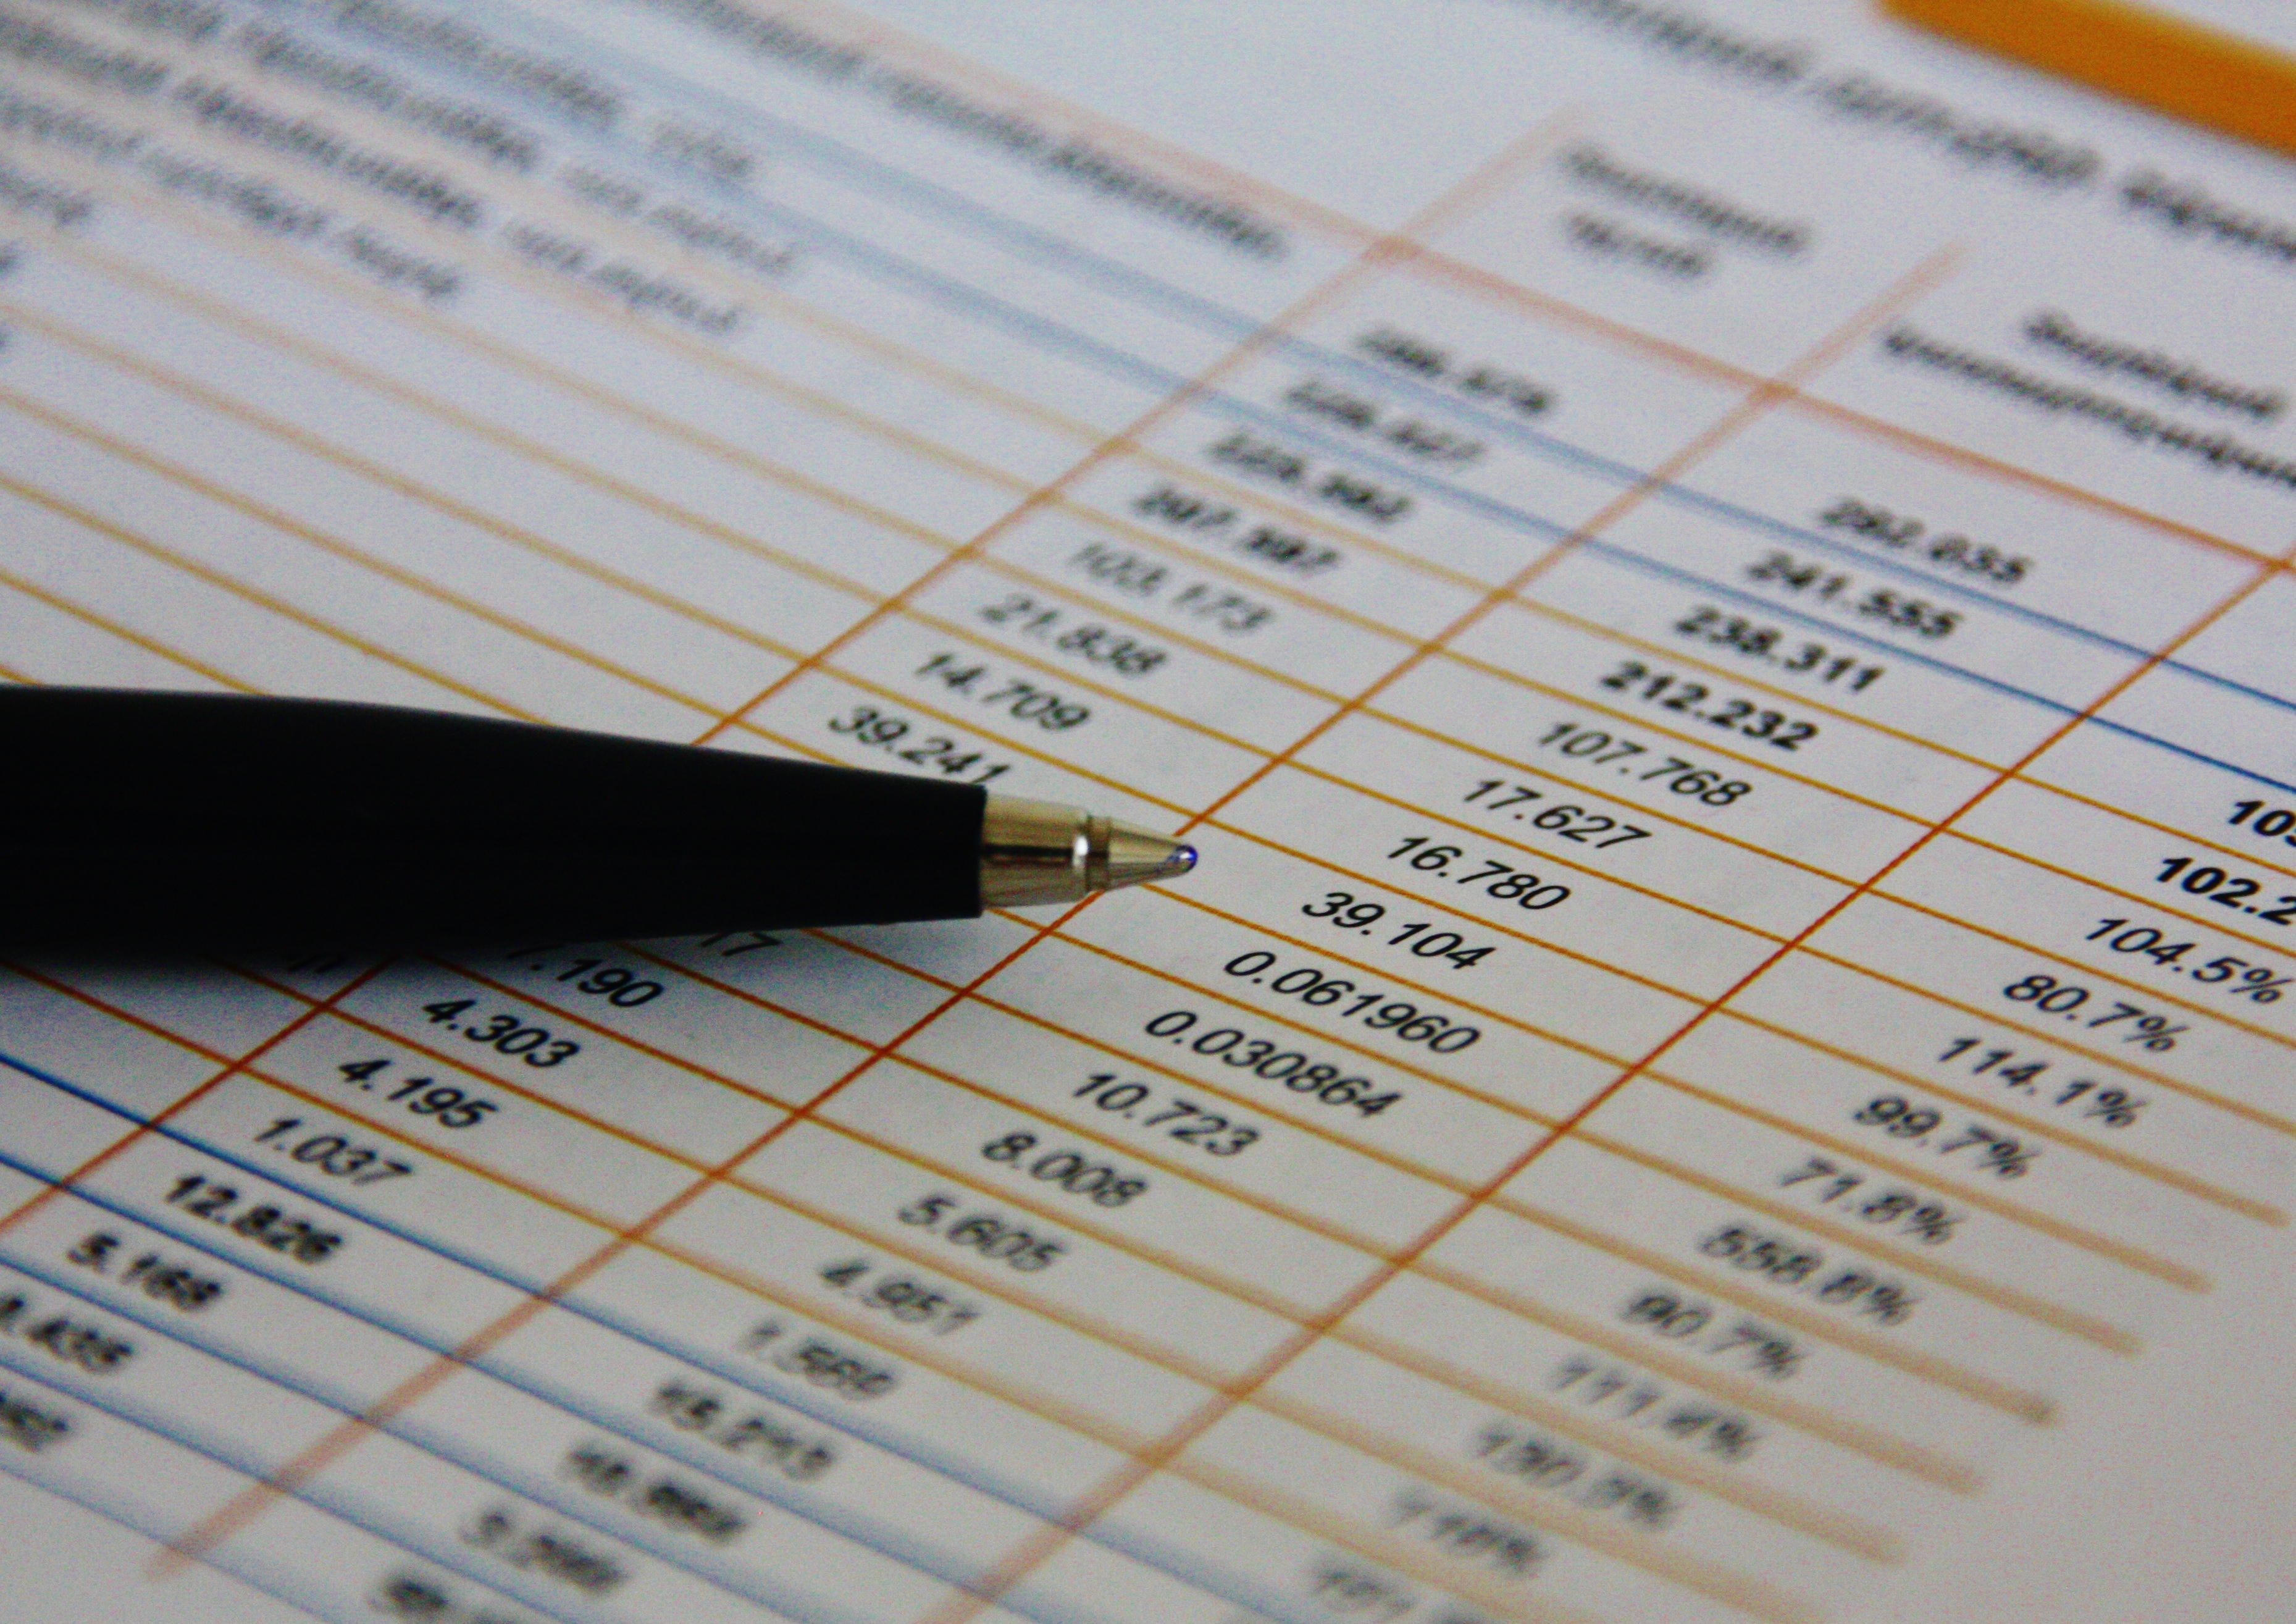 2018թ. հունվար-հոկտեմբերին Հայաստանում Տնտեսական Ակտիվության Ցուցանիշն աճել է 5.7%-ով